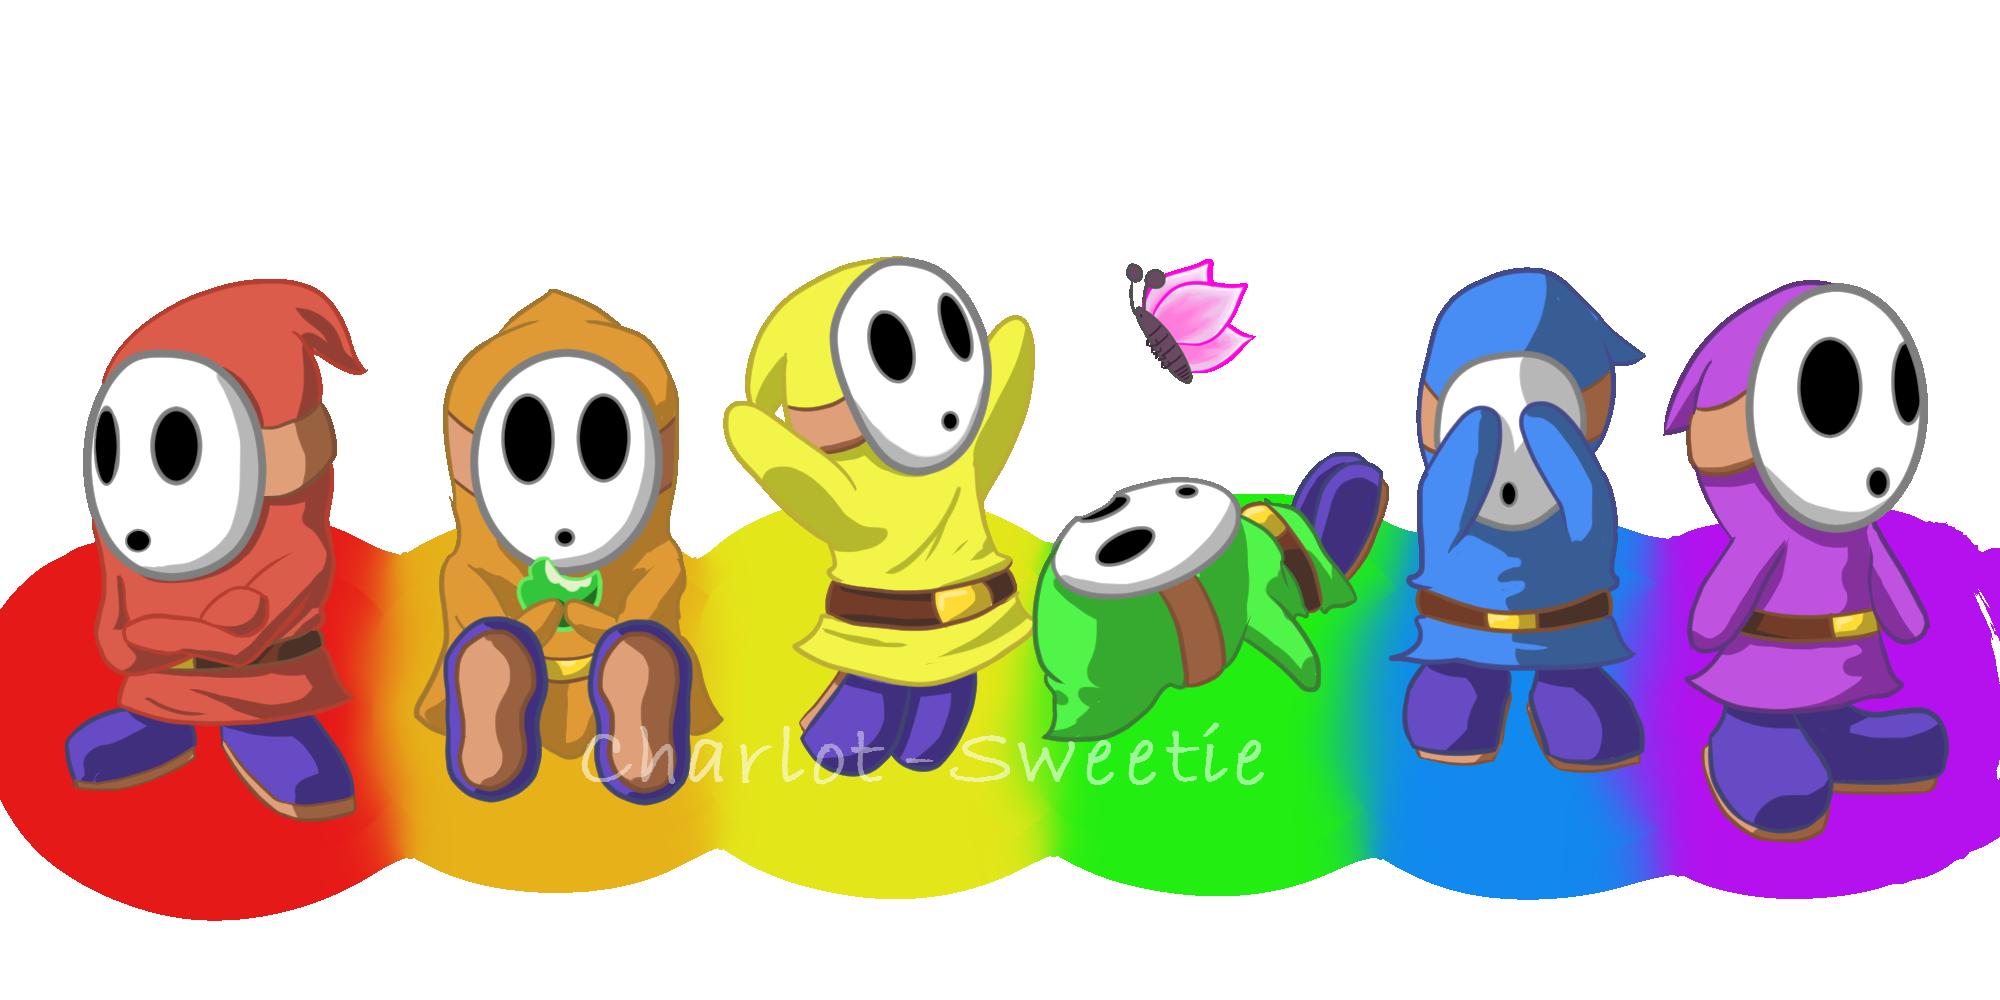 The many emotions of Shyguy